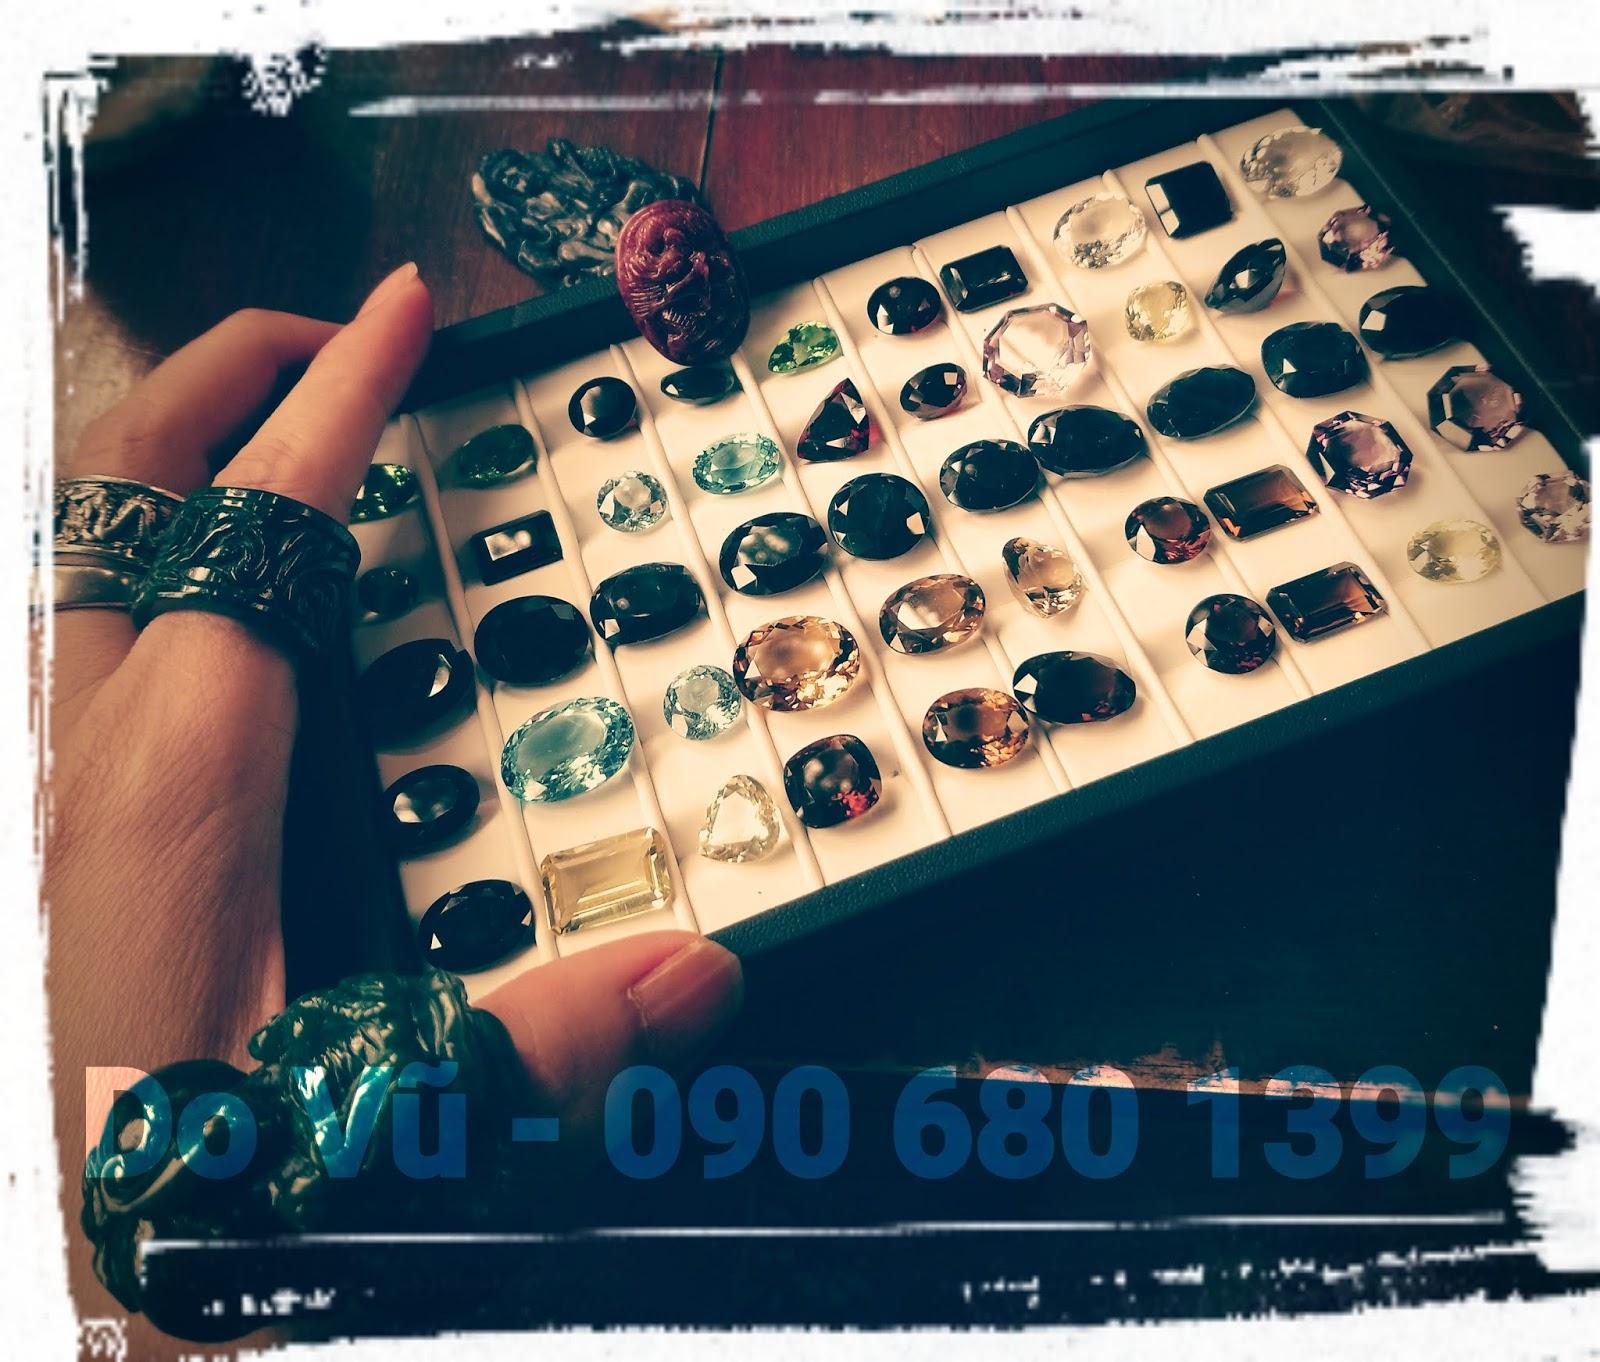 Cung cấp đá quý thiên nhiên lên trang sức, và vật phẩm phong thủy theo yêu cầu Vina Jewelry a product of Thạch Đạo Do Vũ